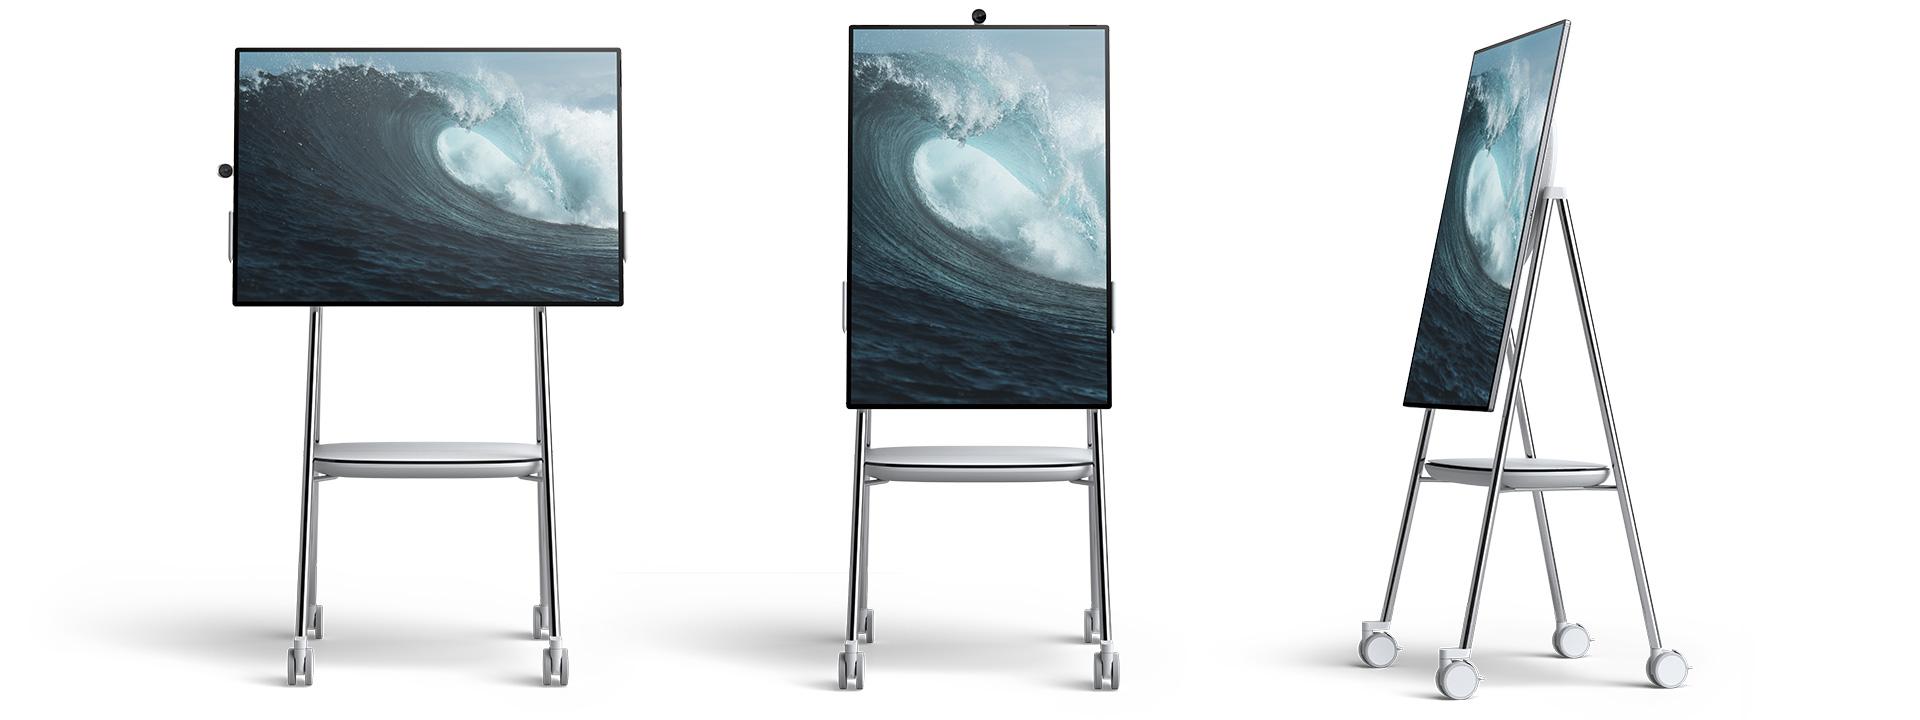 Drei Surface Hub2 auf mobilen rollbaren Ständern von Steelcase